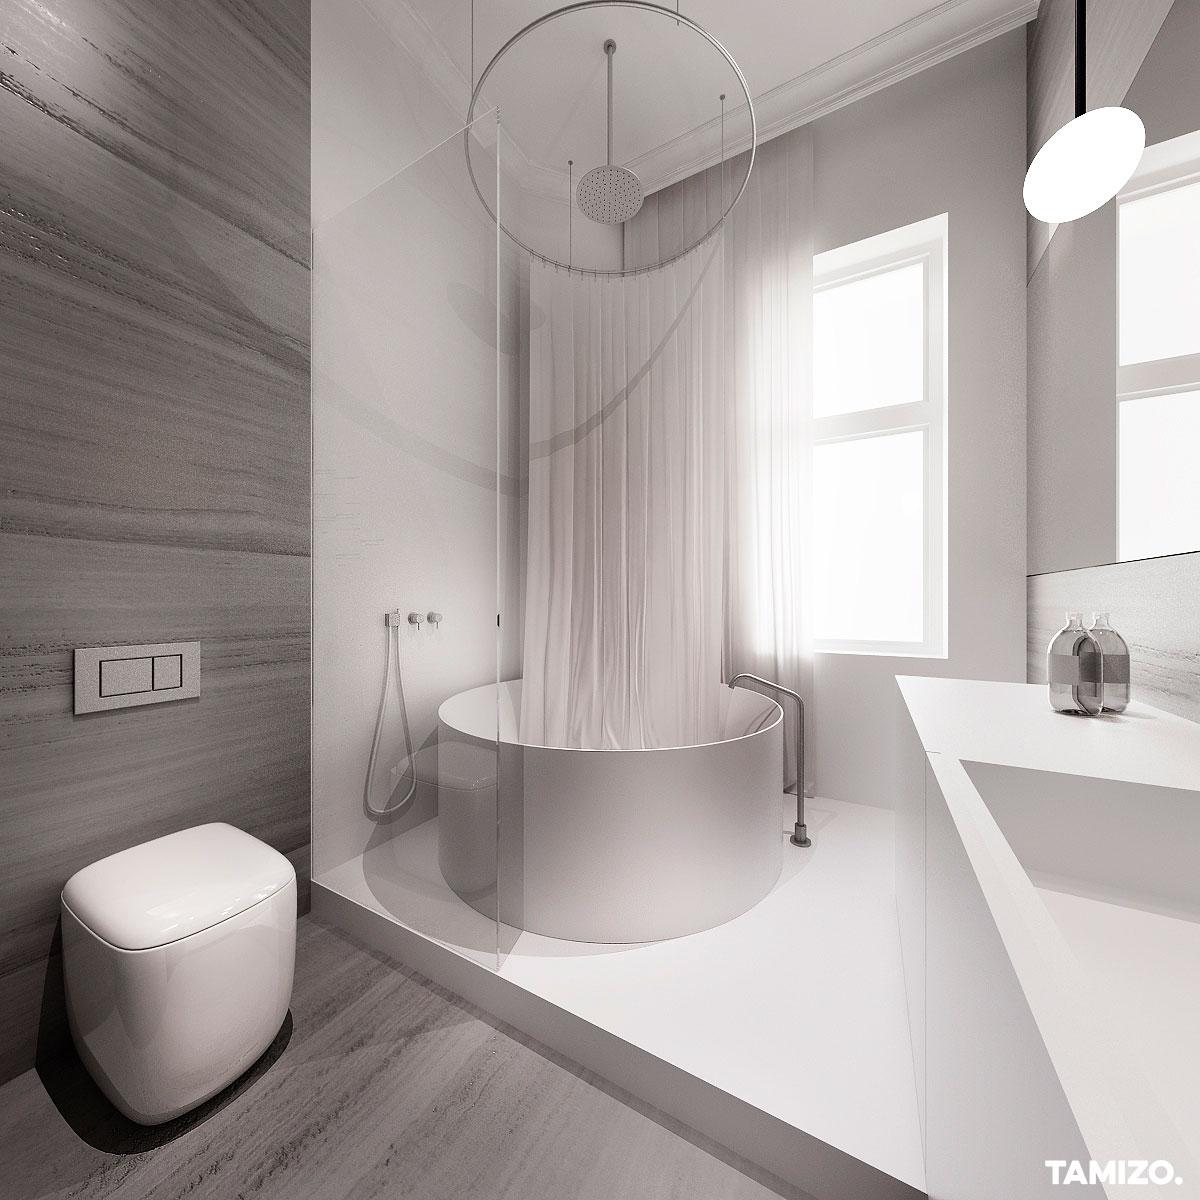 I057_tamizo_architekci_projekt-wnetrz-stara-kamienica-wnetrze-klasyczne-minimalizm-warszawa-17